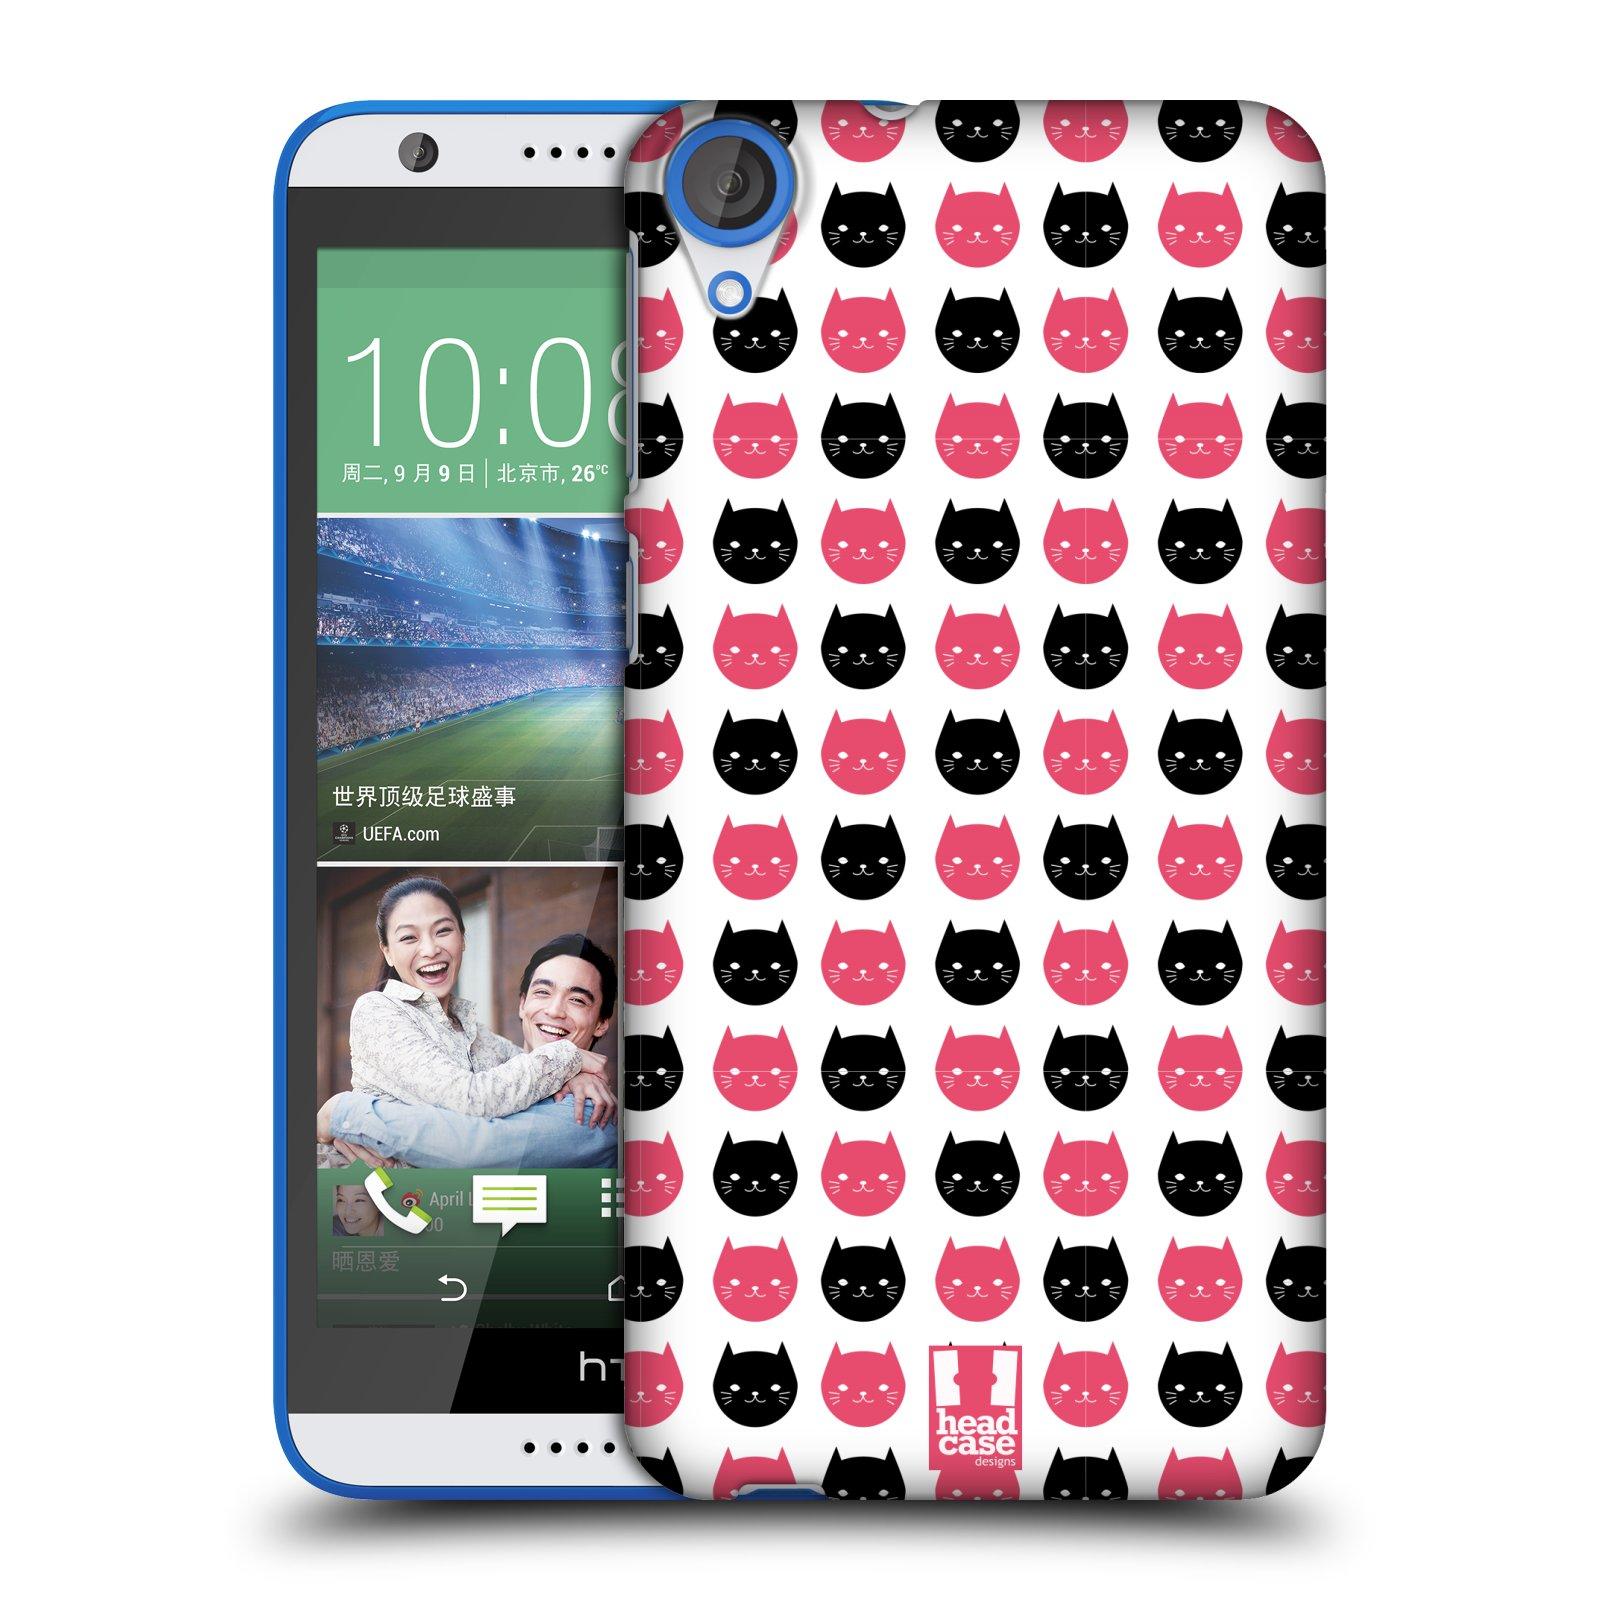 Plastové pouzdro na mobil HTC Desire 820 HEAD CASE KOČKY Black and Pink (Kryt či obal na mobilní telefon HTC Desire 820)